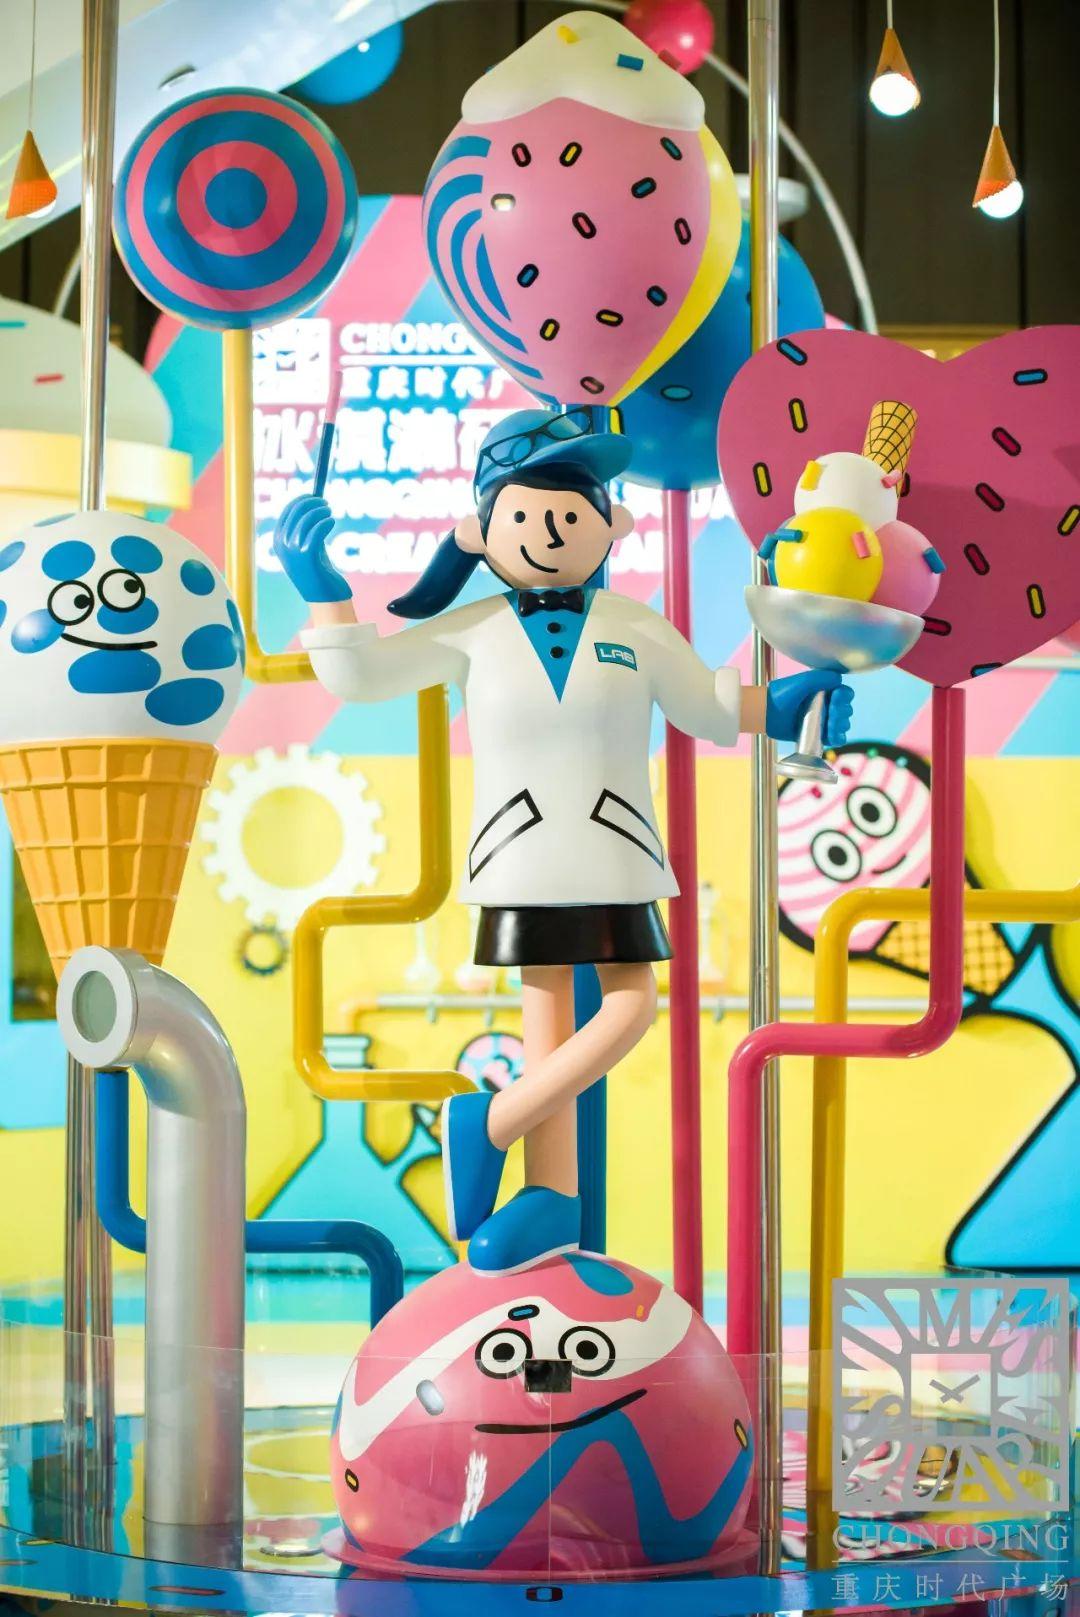 重庆时代广场2019夏季「冰淇淋研究所」,意大利冰淇淋